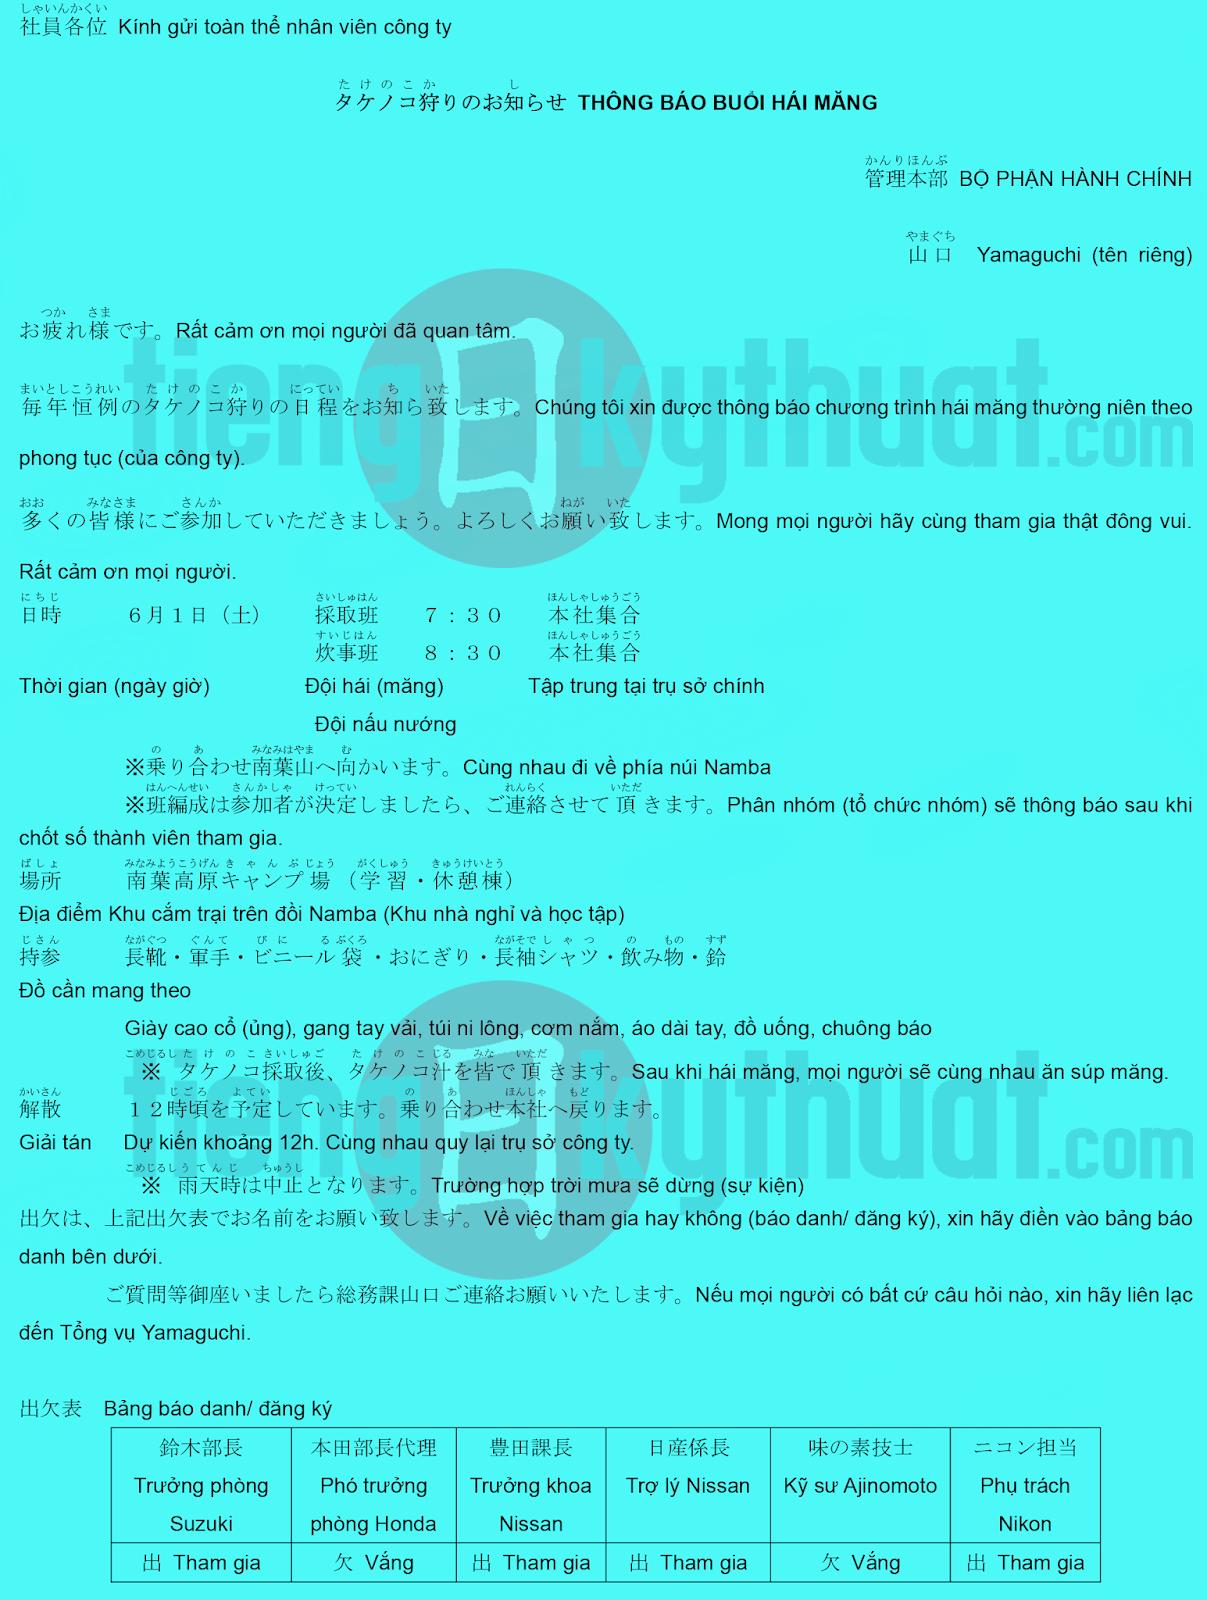 Mẫu giấy thông báo sự kiến bằng tiếng Nhật【お知らせ】